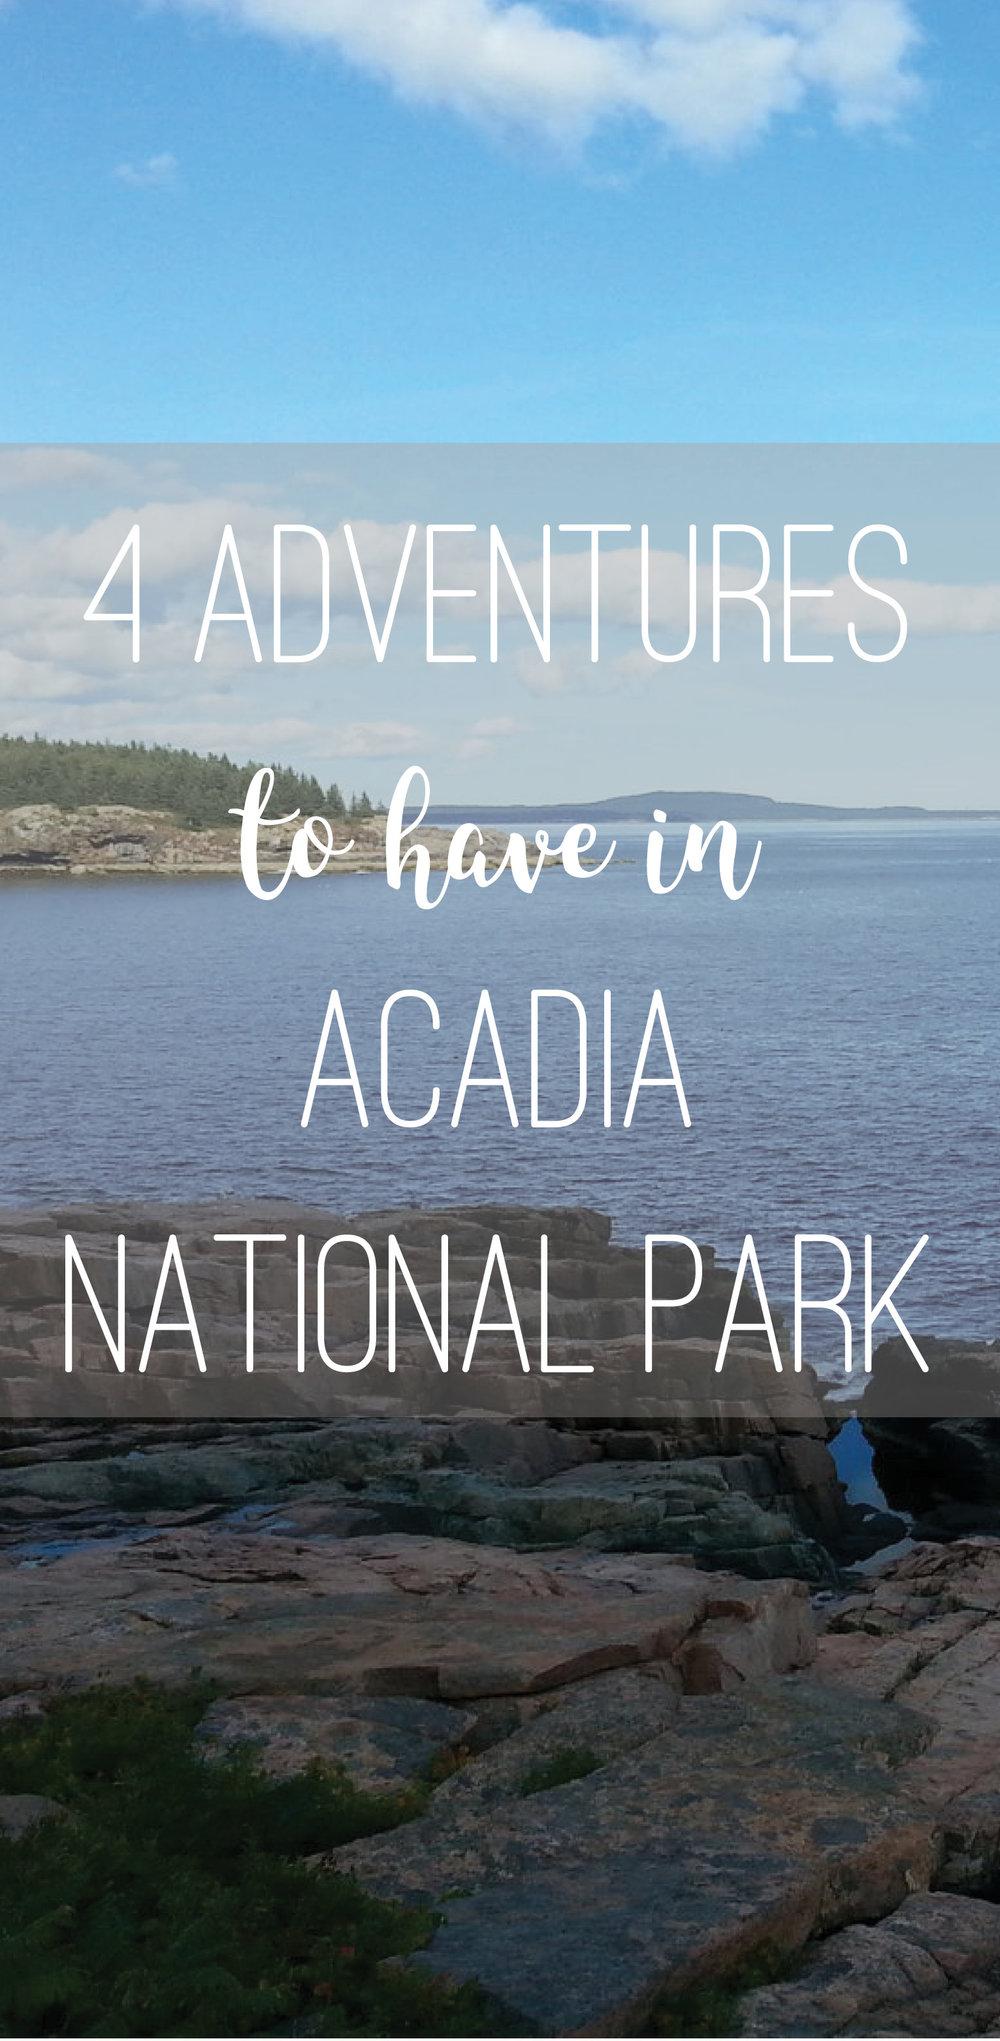 4 Adventures in Acadia.jpg